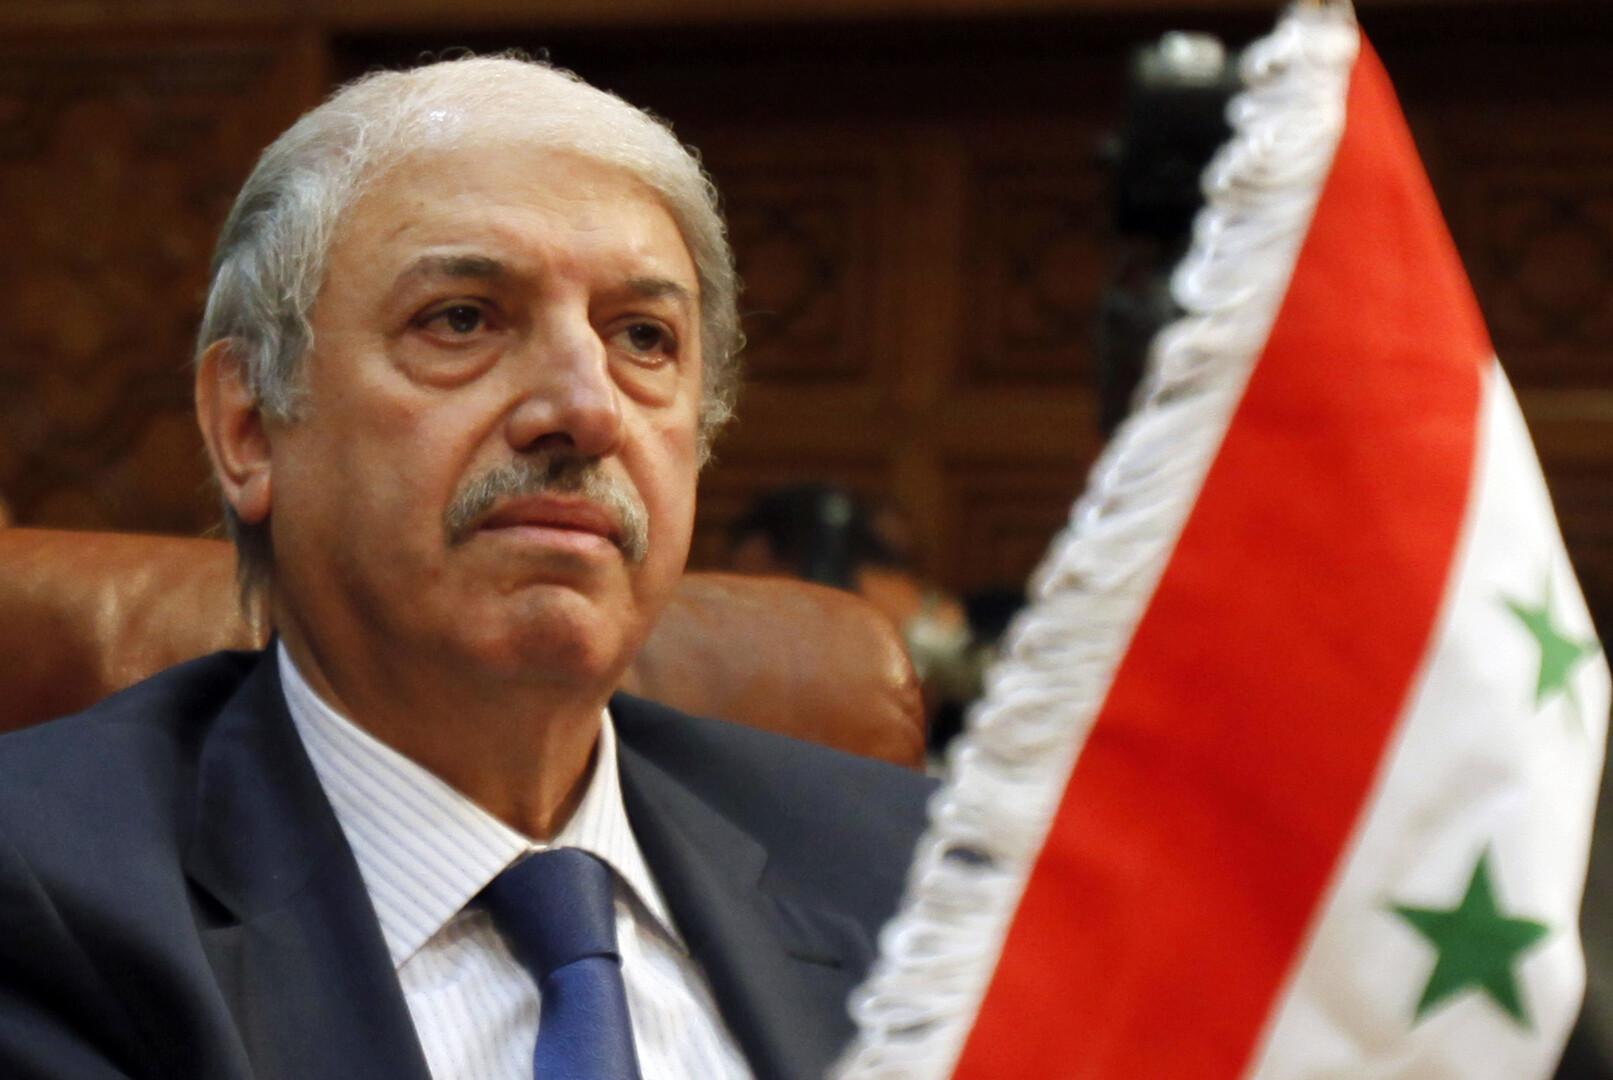 وفاة آخر سفير سوري لدى الجامعة العربية -